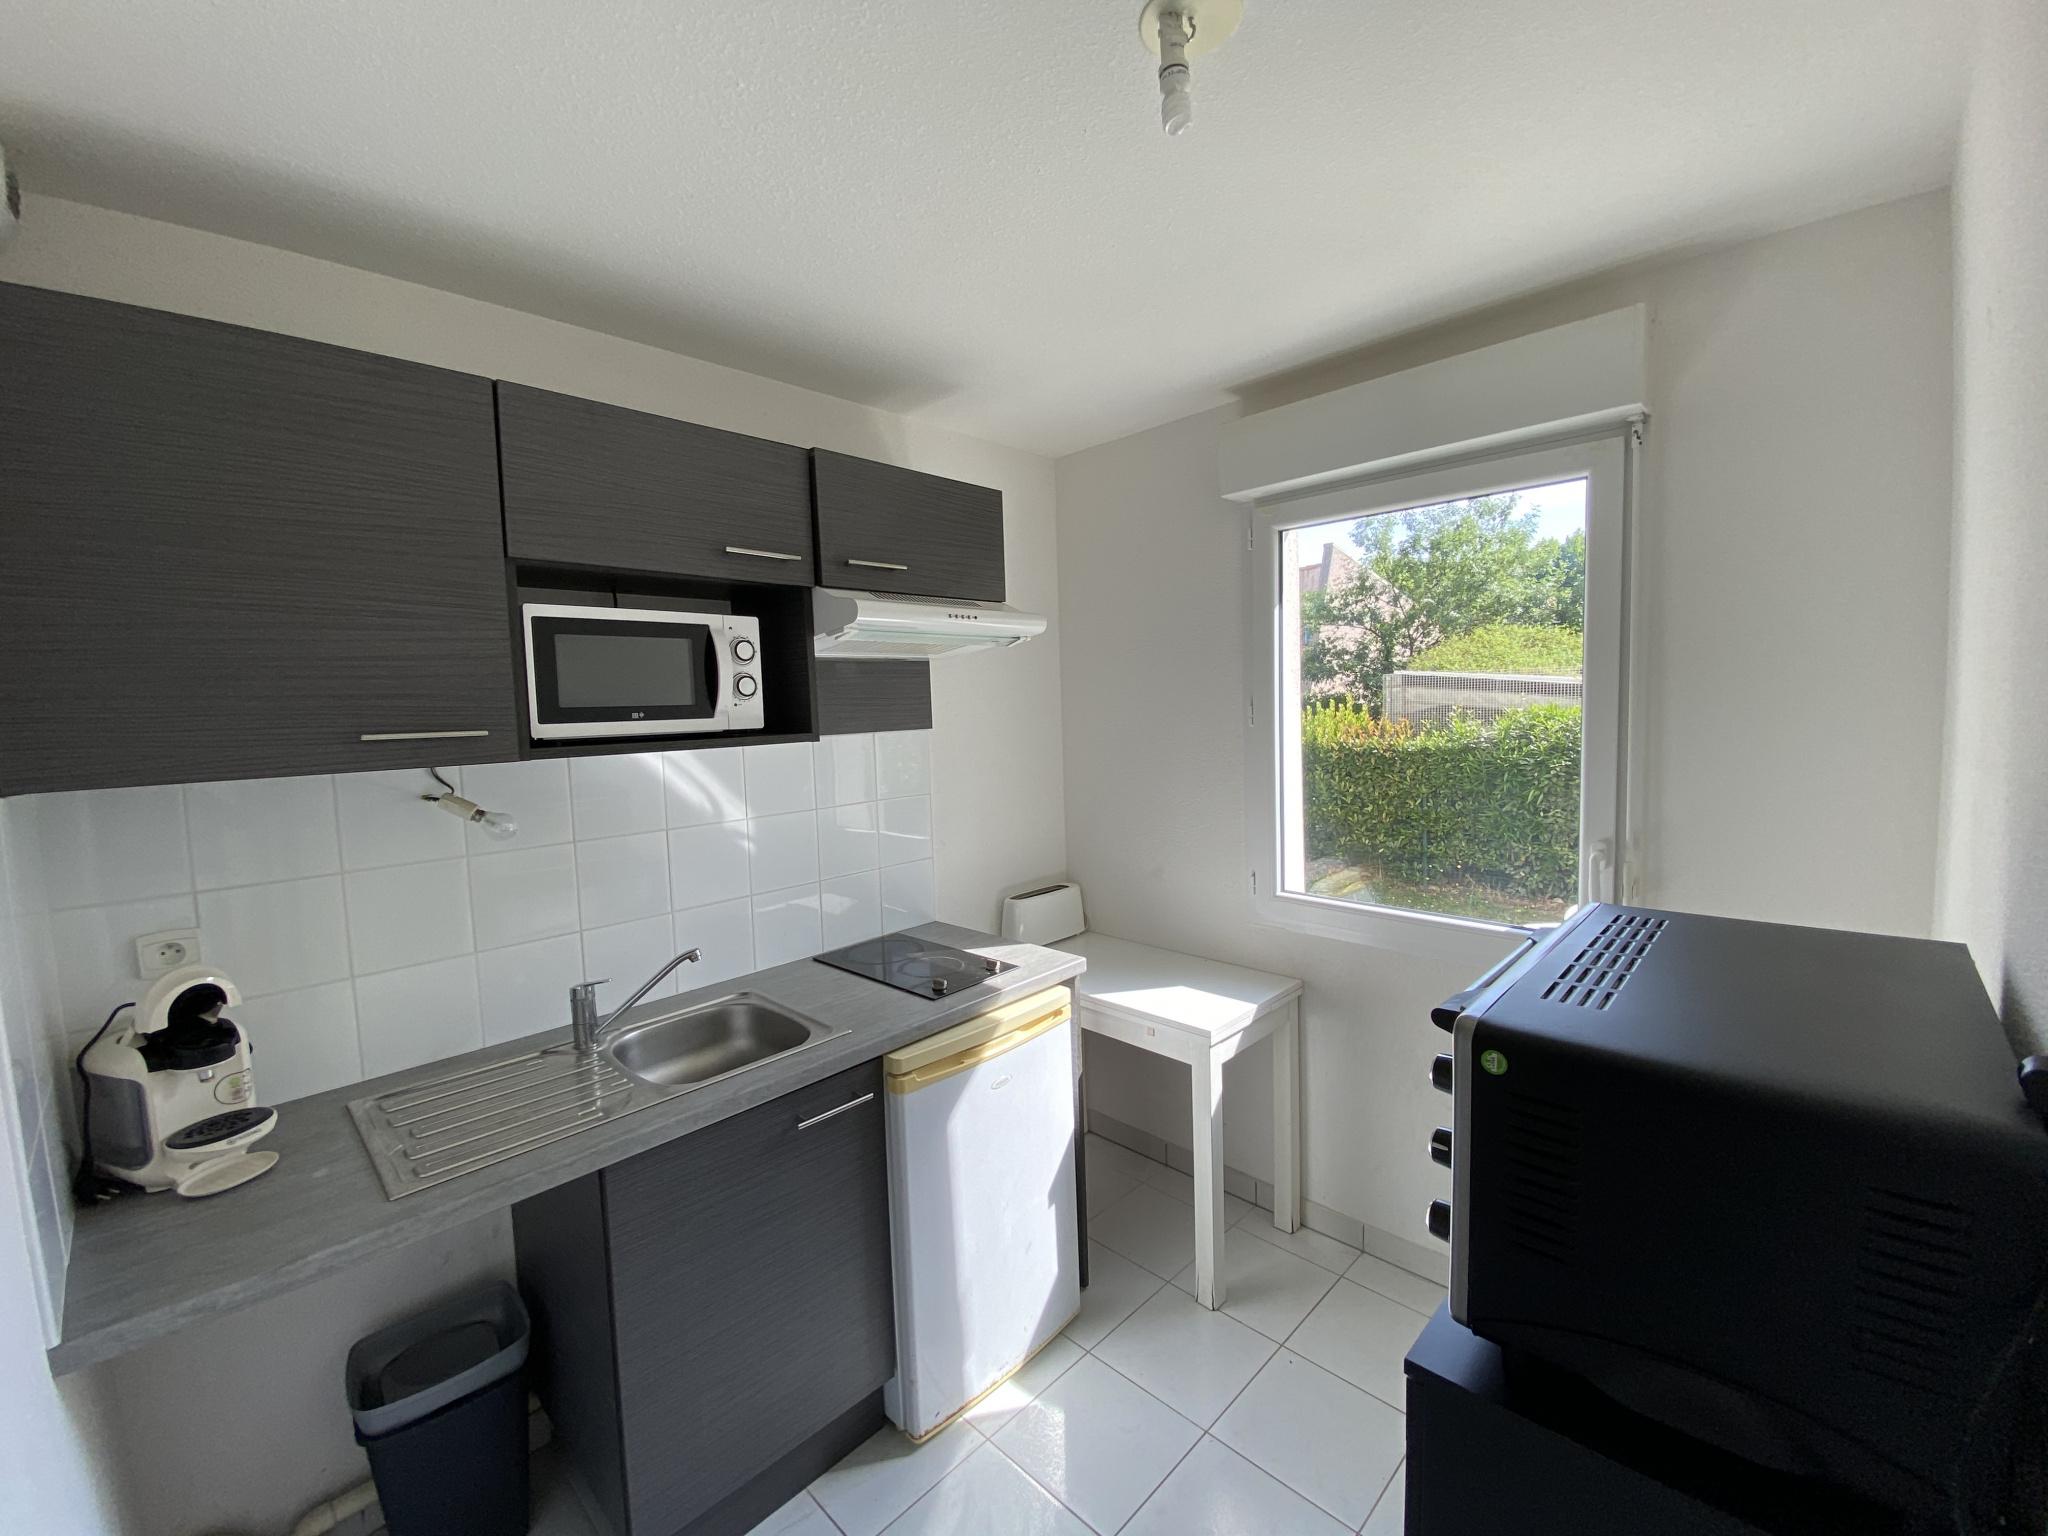 À vendre appartement de 44m2 à argeles sur mer (66700) - Photo 3'